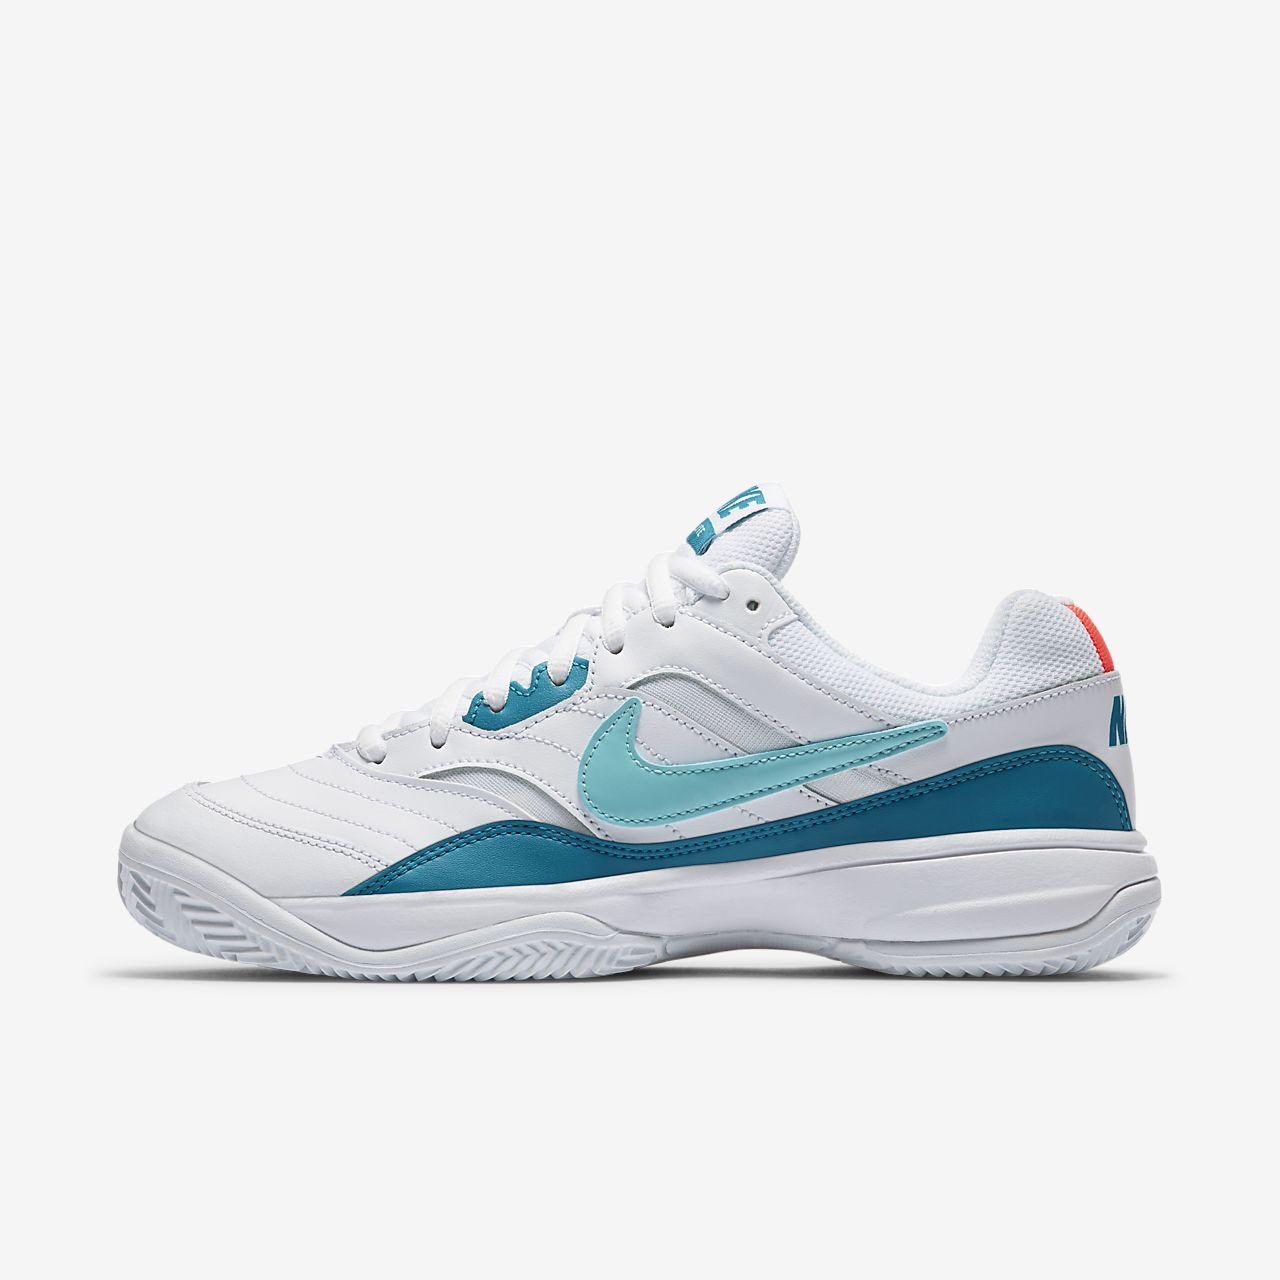 ... NikeCourt Lite Clay Women's Tennis Shoe